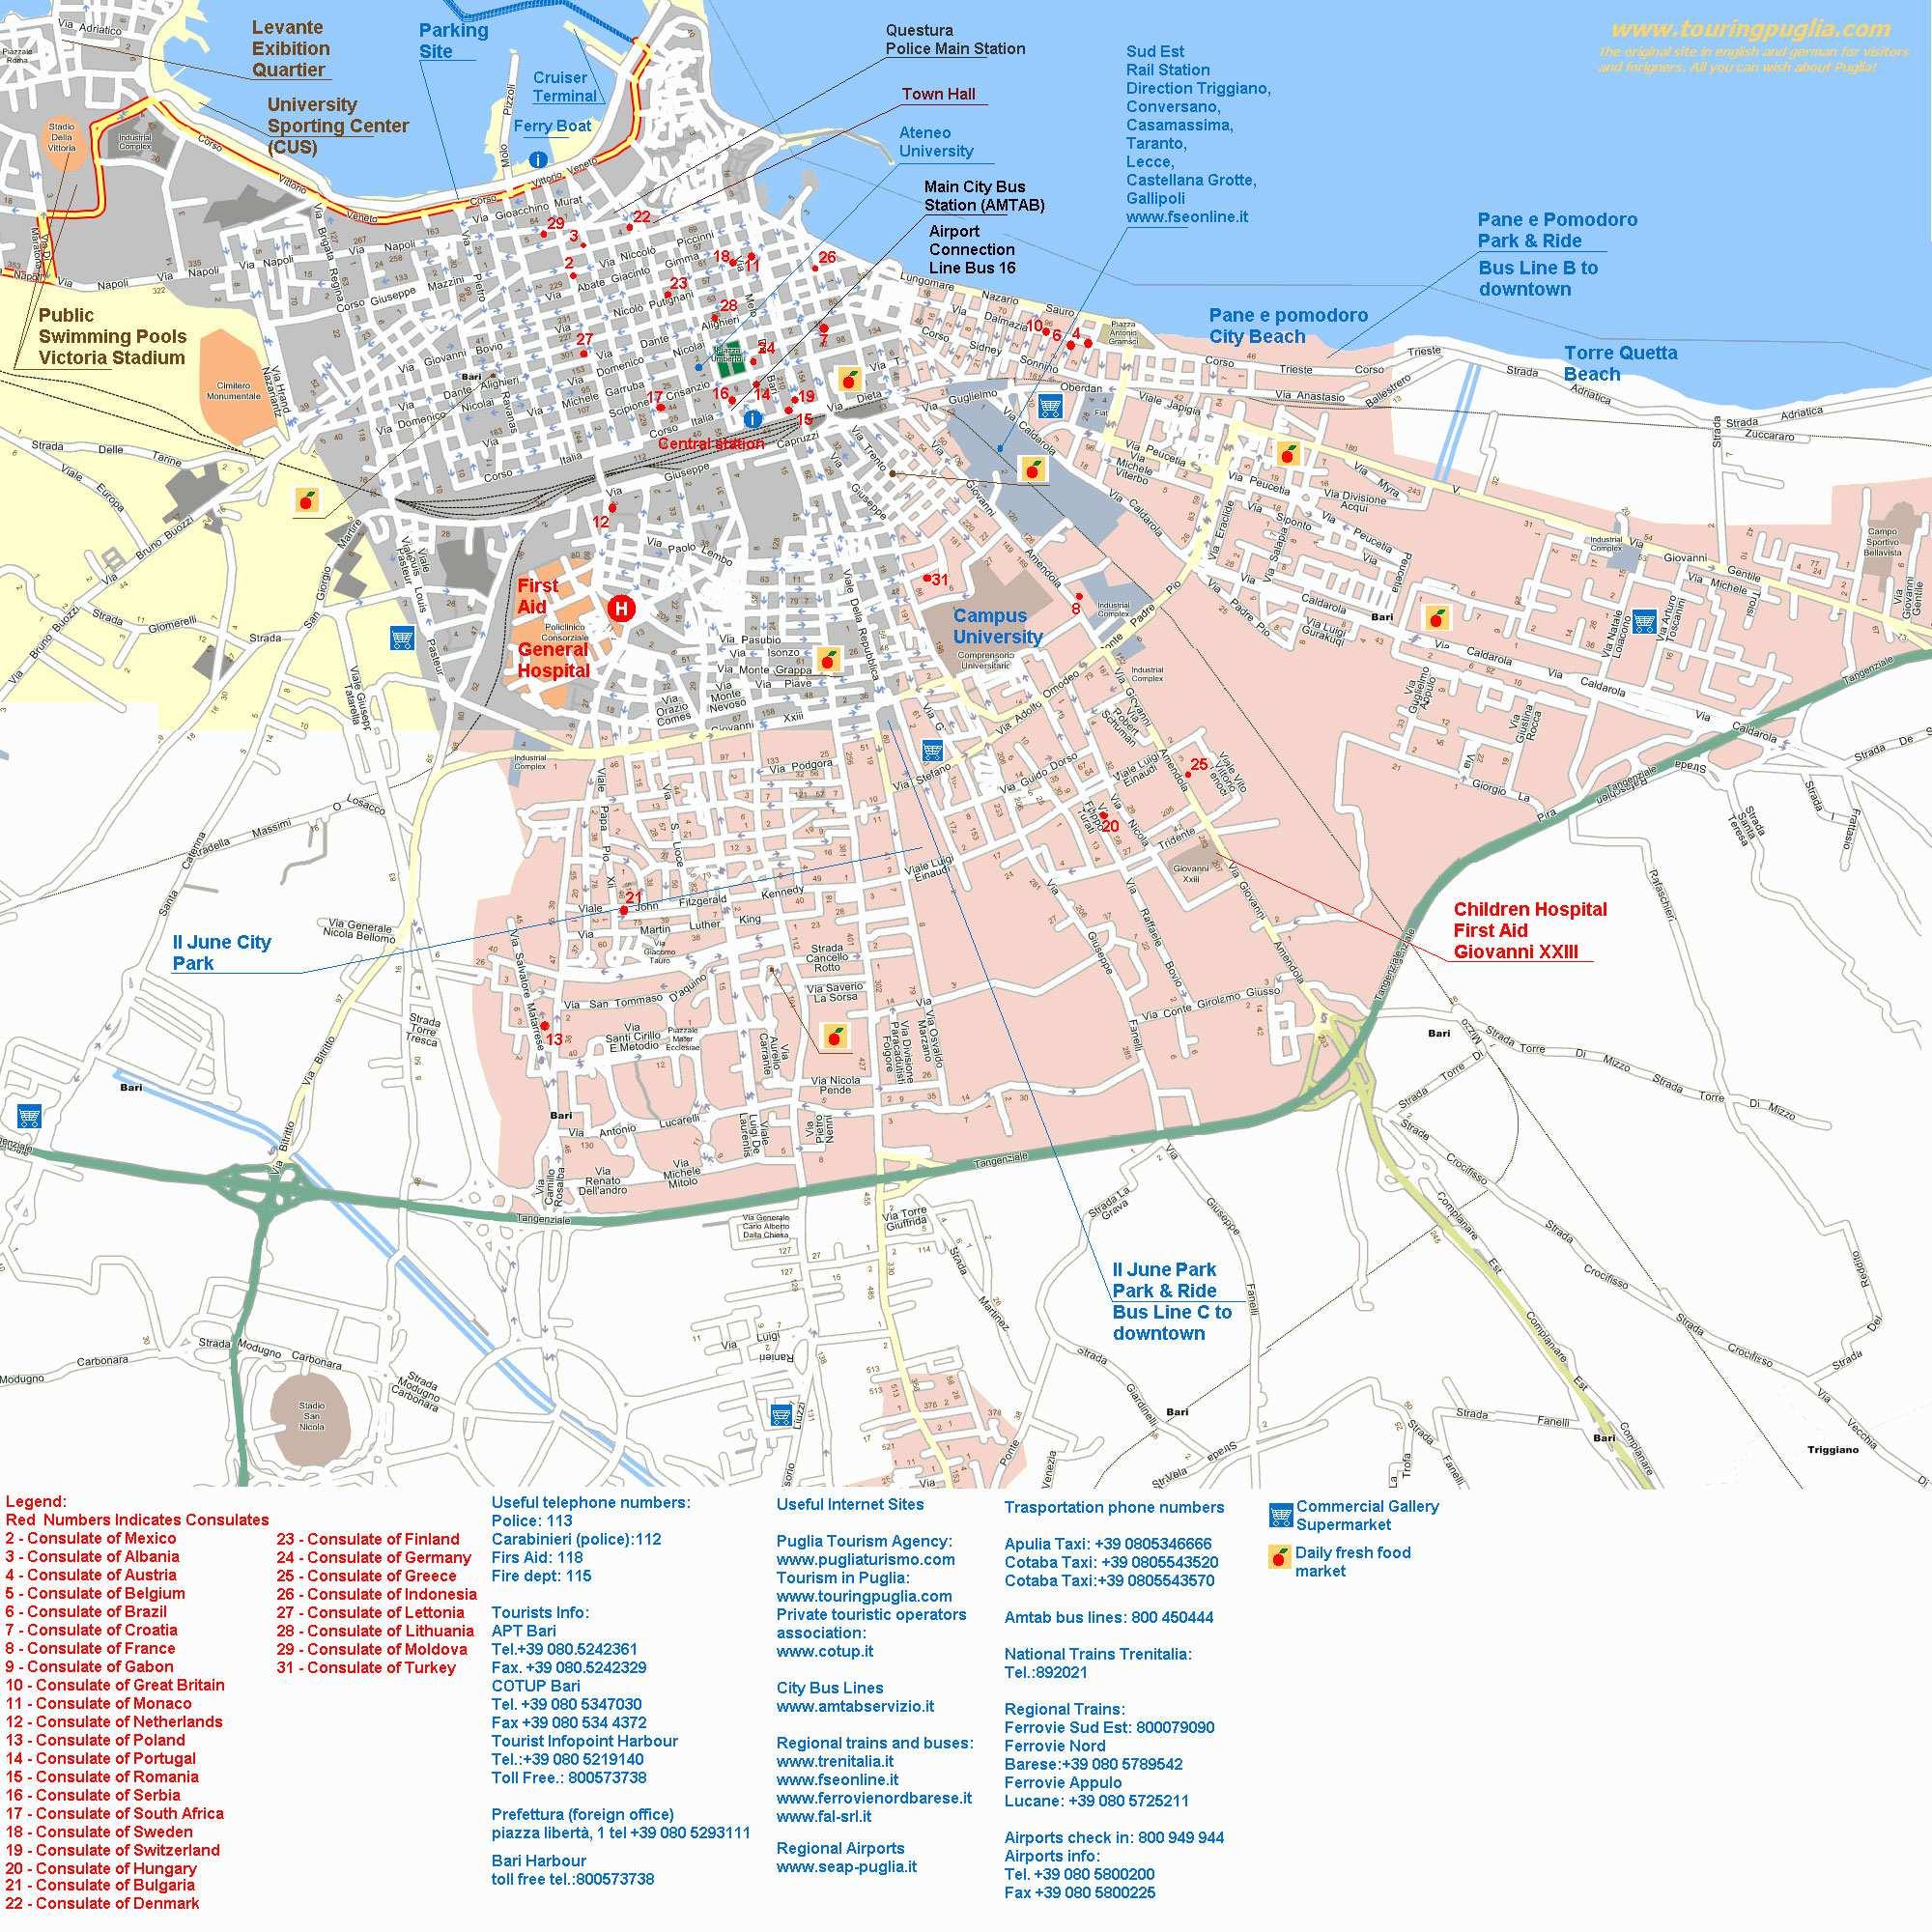 Turistinis žemėlapis (Baris, Italija)